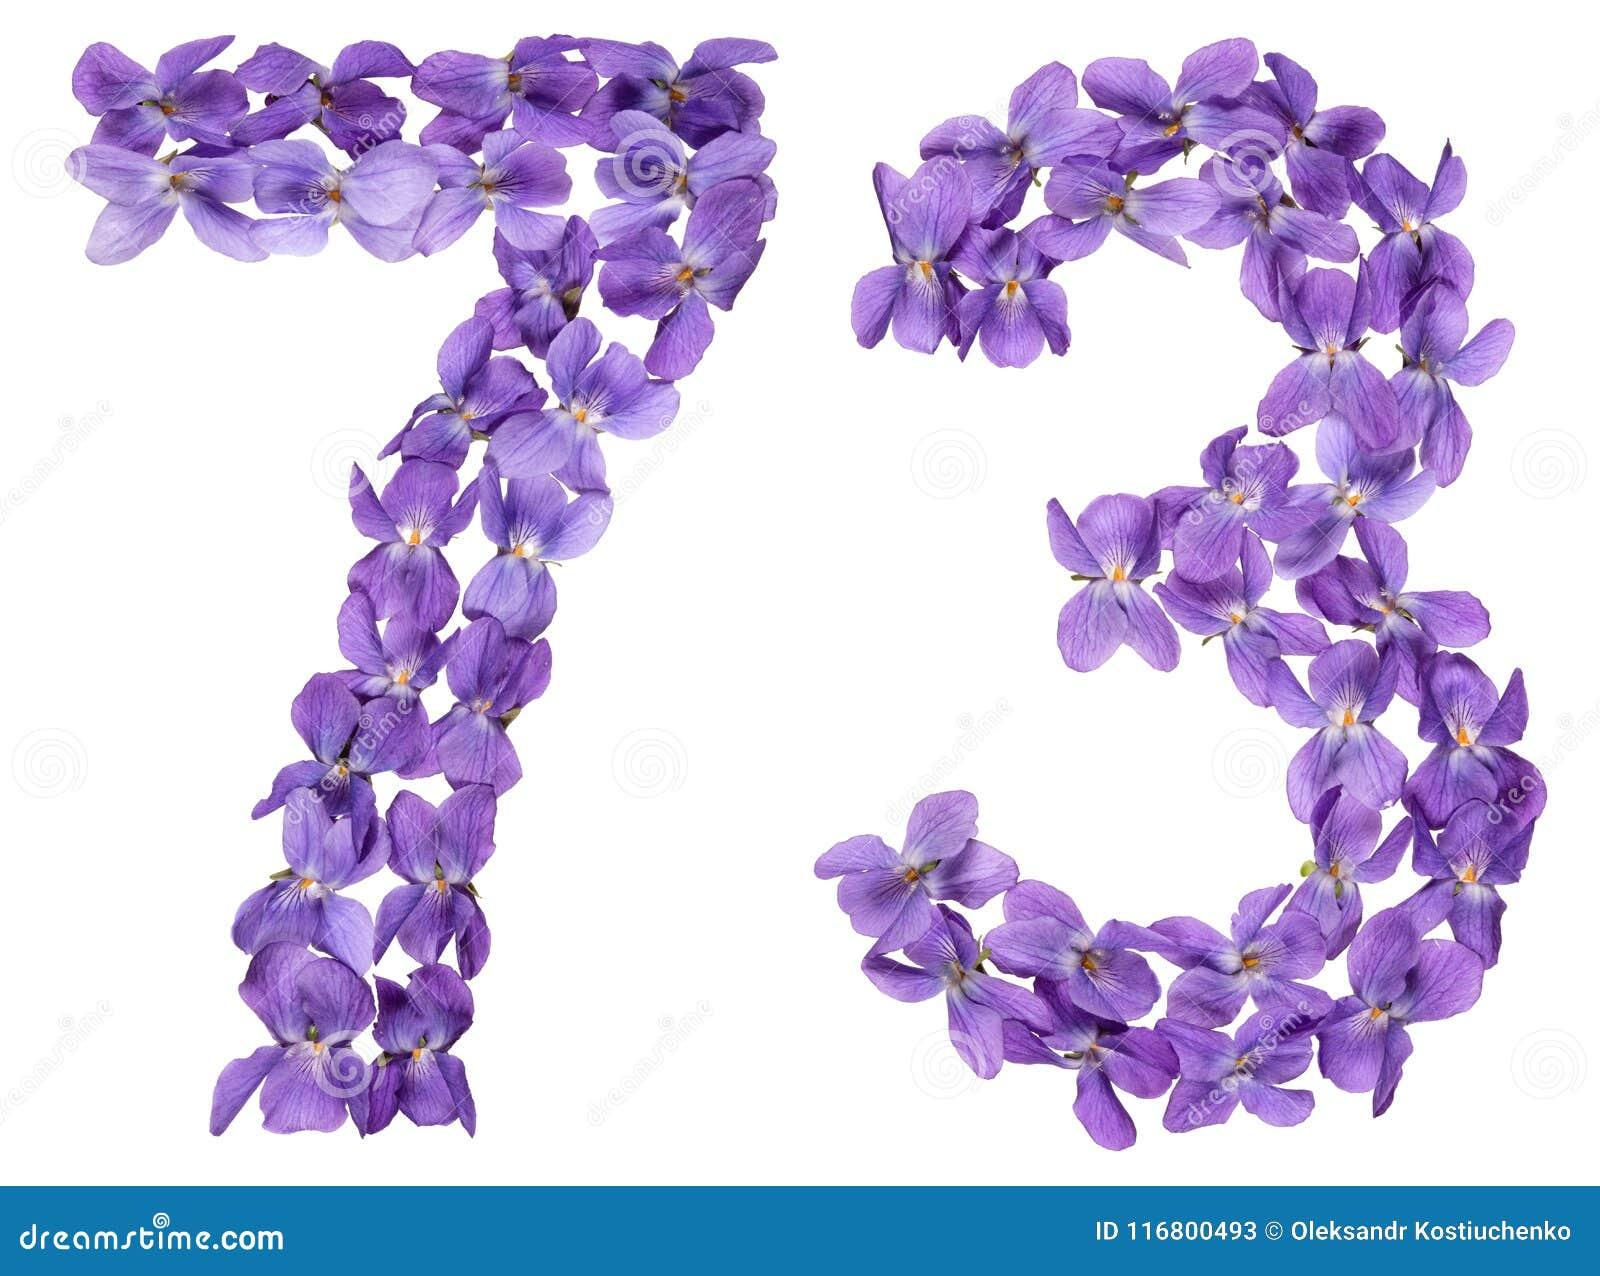 Numero arabo 73, settantatre, dai fiori della viola, isolato